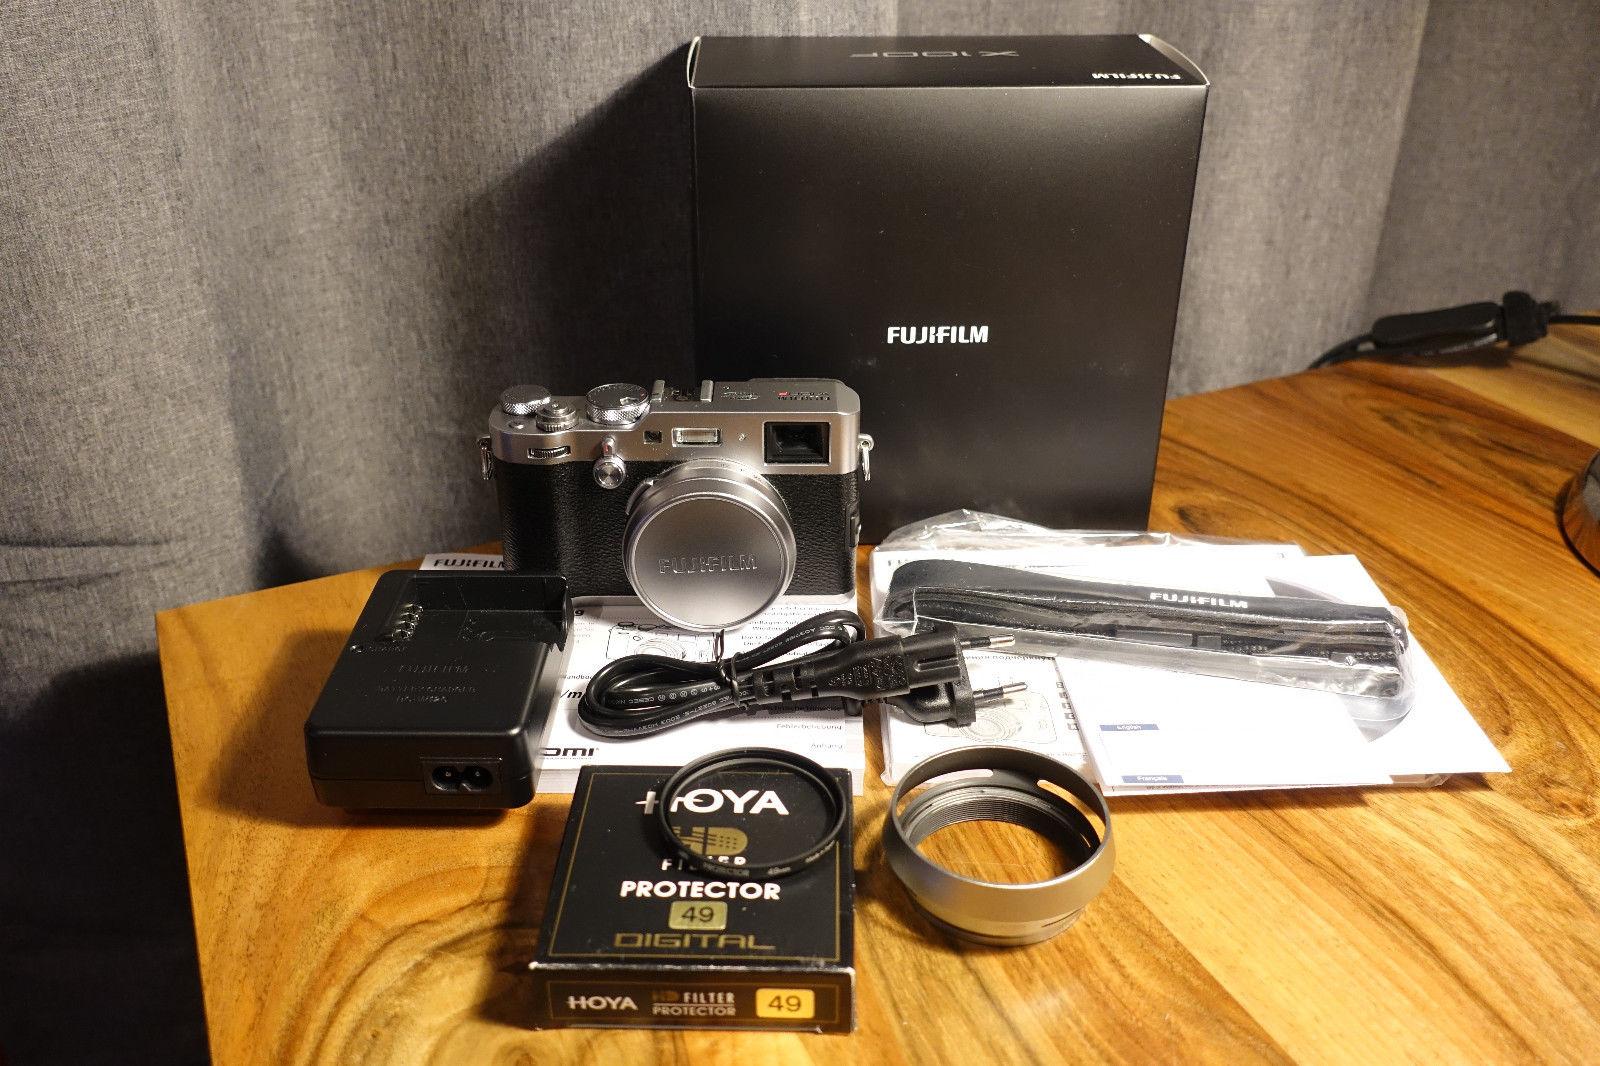 Fujifilm X100F Kamera Silber 24MP X-Trans Sensor III, nur 2600 Ausl.